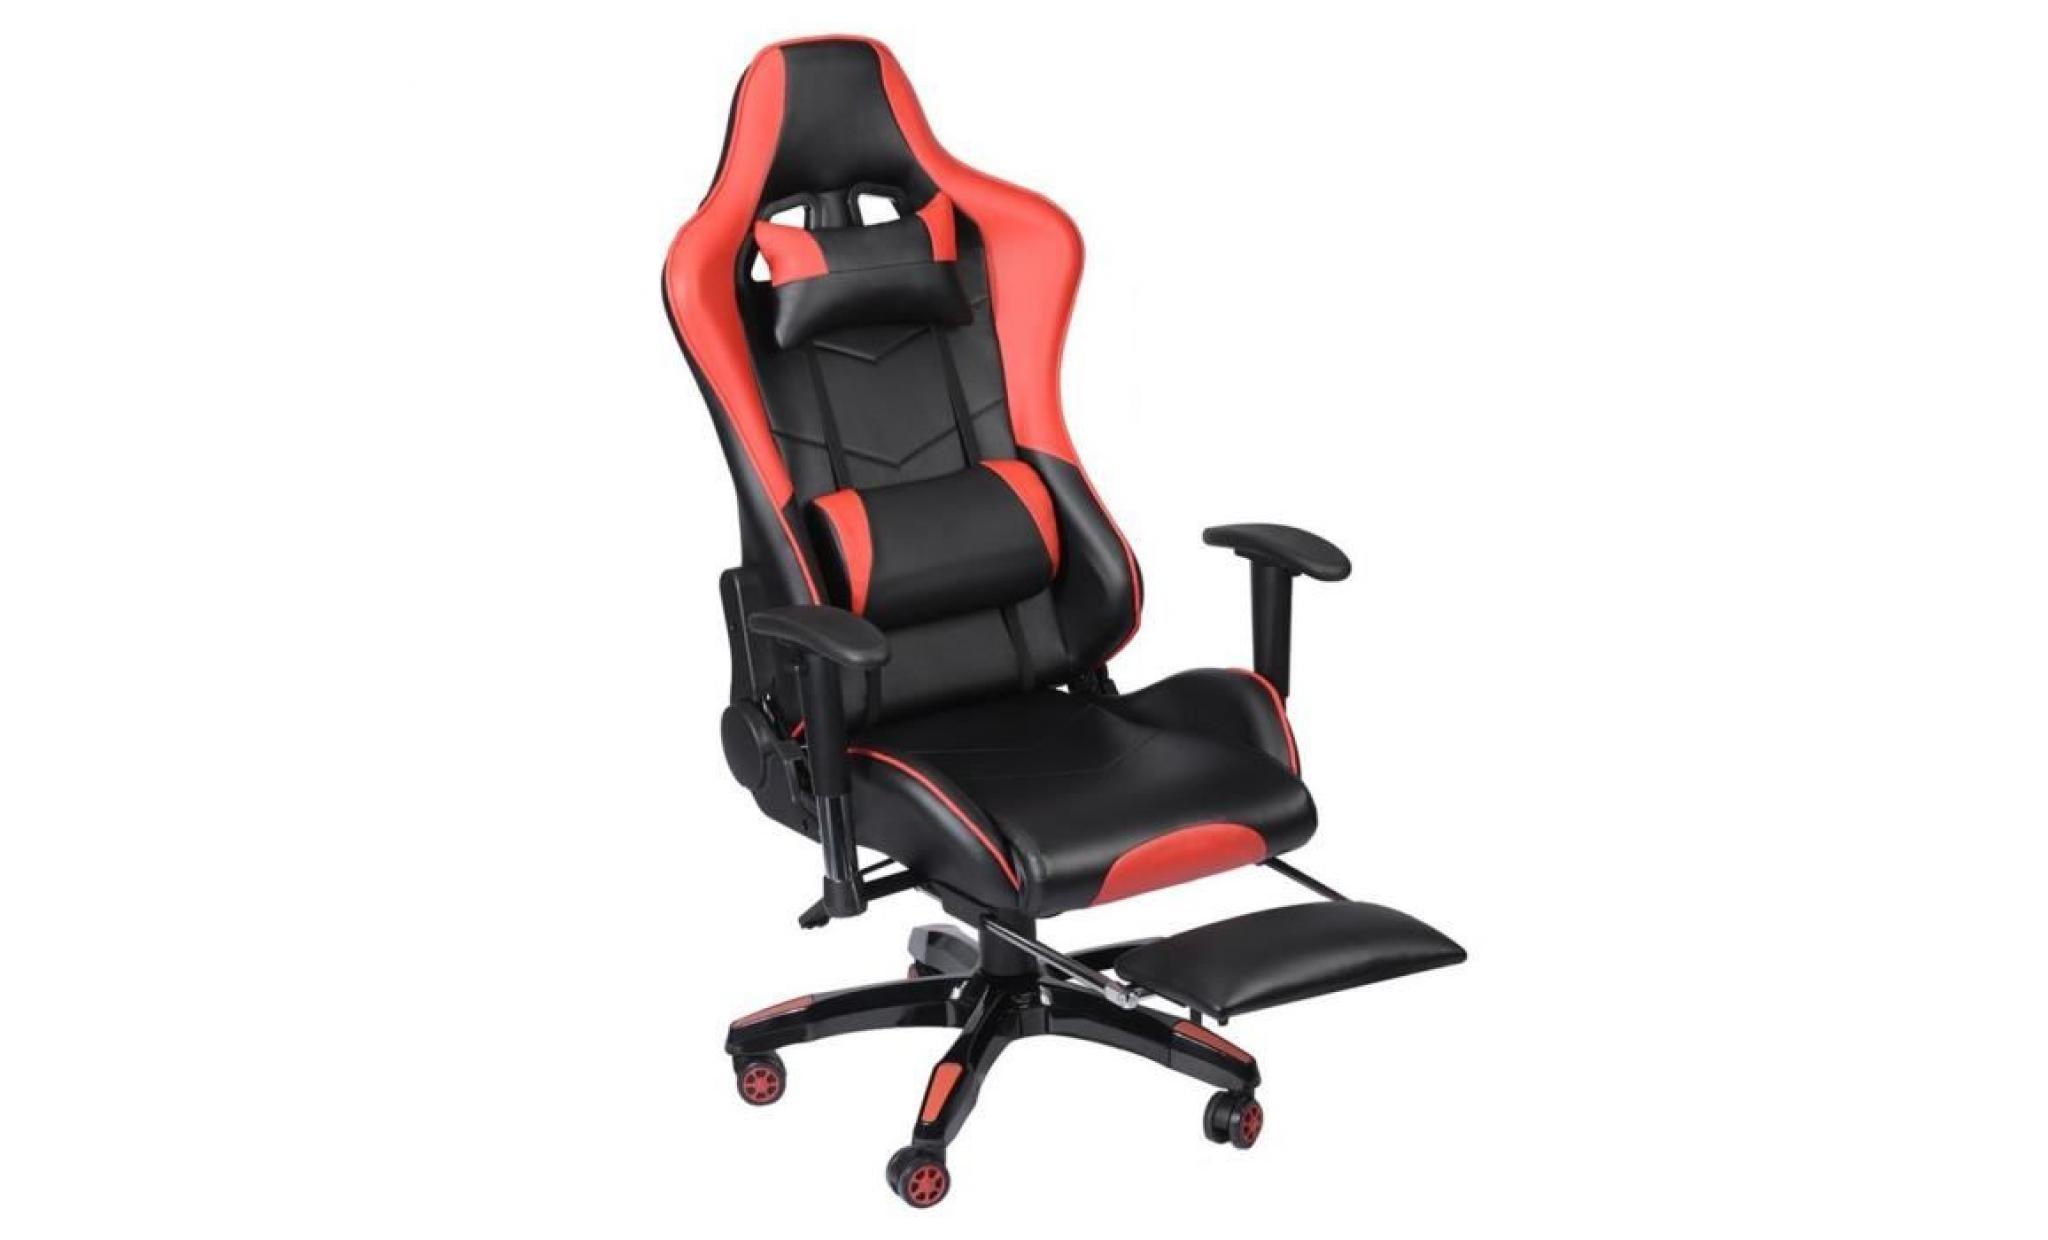 Pubg Rouge Chaise Comfortable Réglable Fauteuil Repose Jeux Pied Gamer Hauteur De Vidéo Avec 0mN8nw